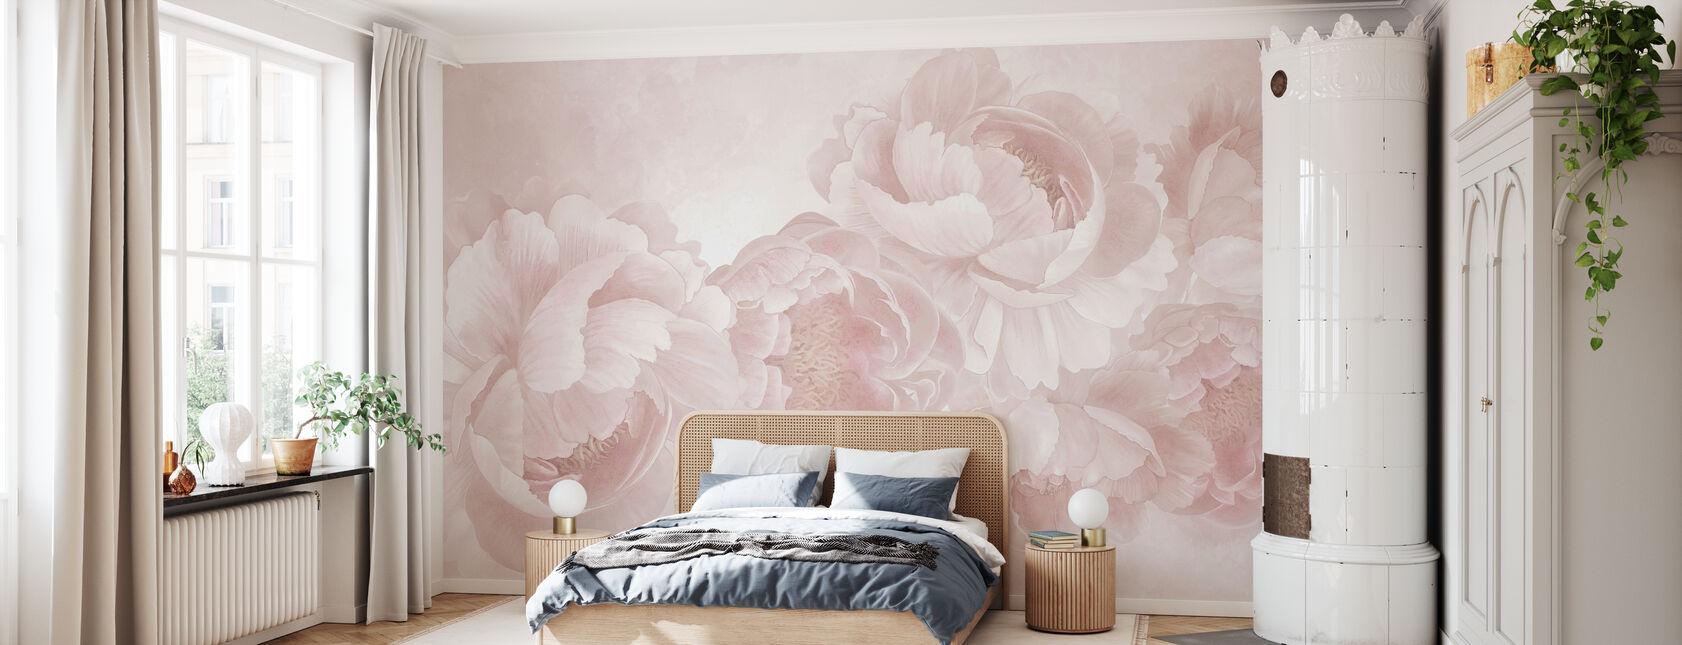 Peony - Wallpaper - Bedroom